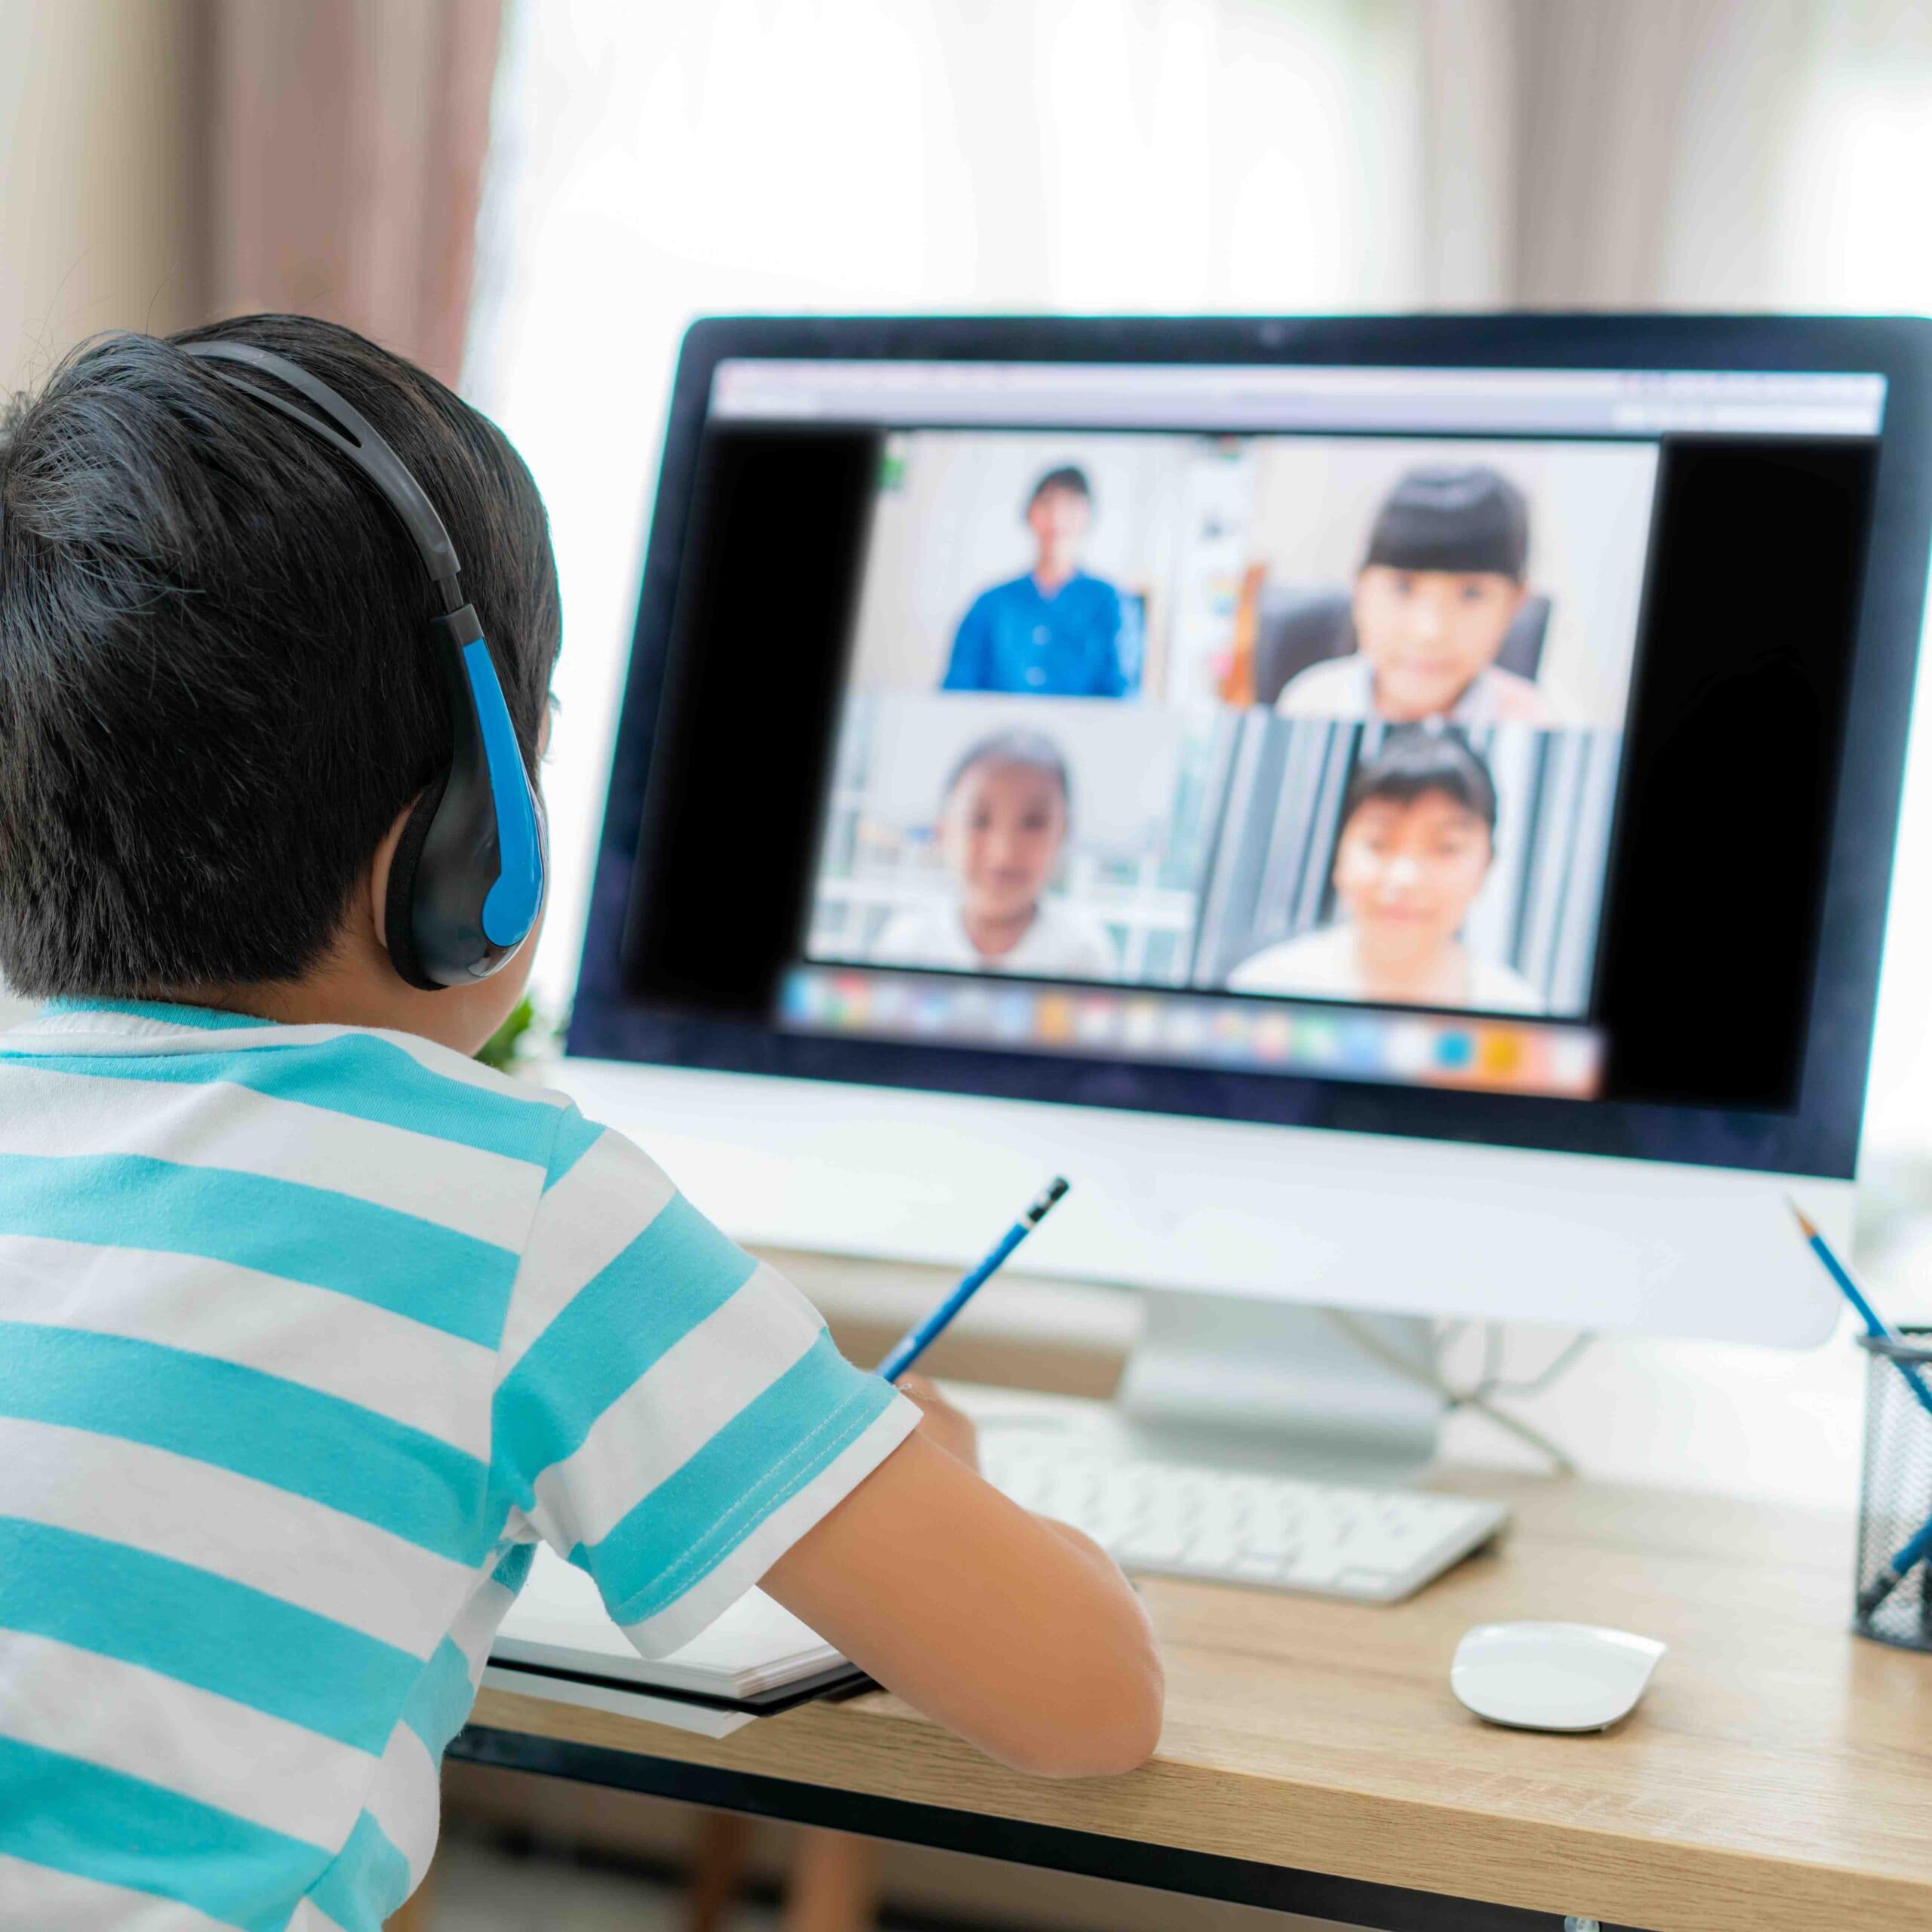 マニュアルなき『オンライン授業』導入は教員現場を混乱させる